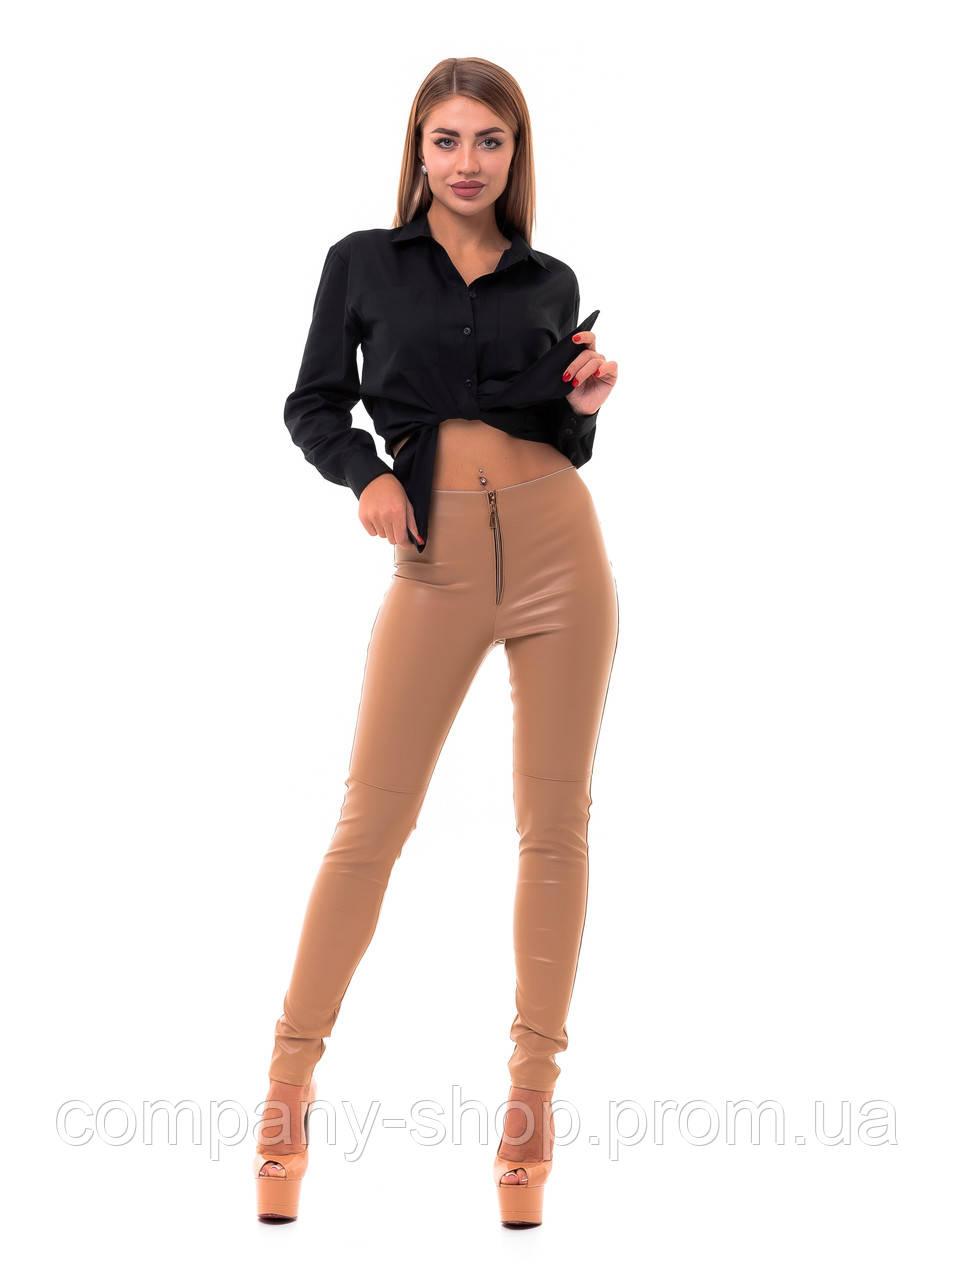 Стильные женские кожаные леггисны на молнии. Высокая посадка